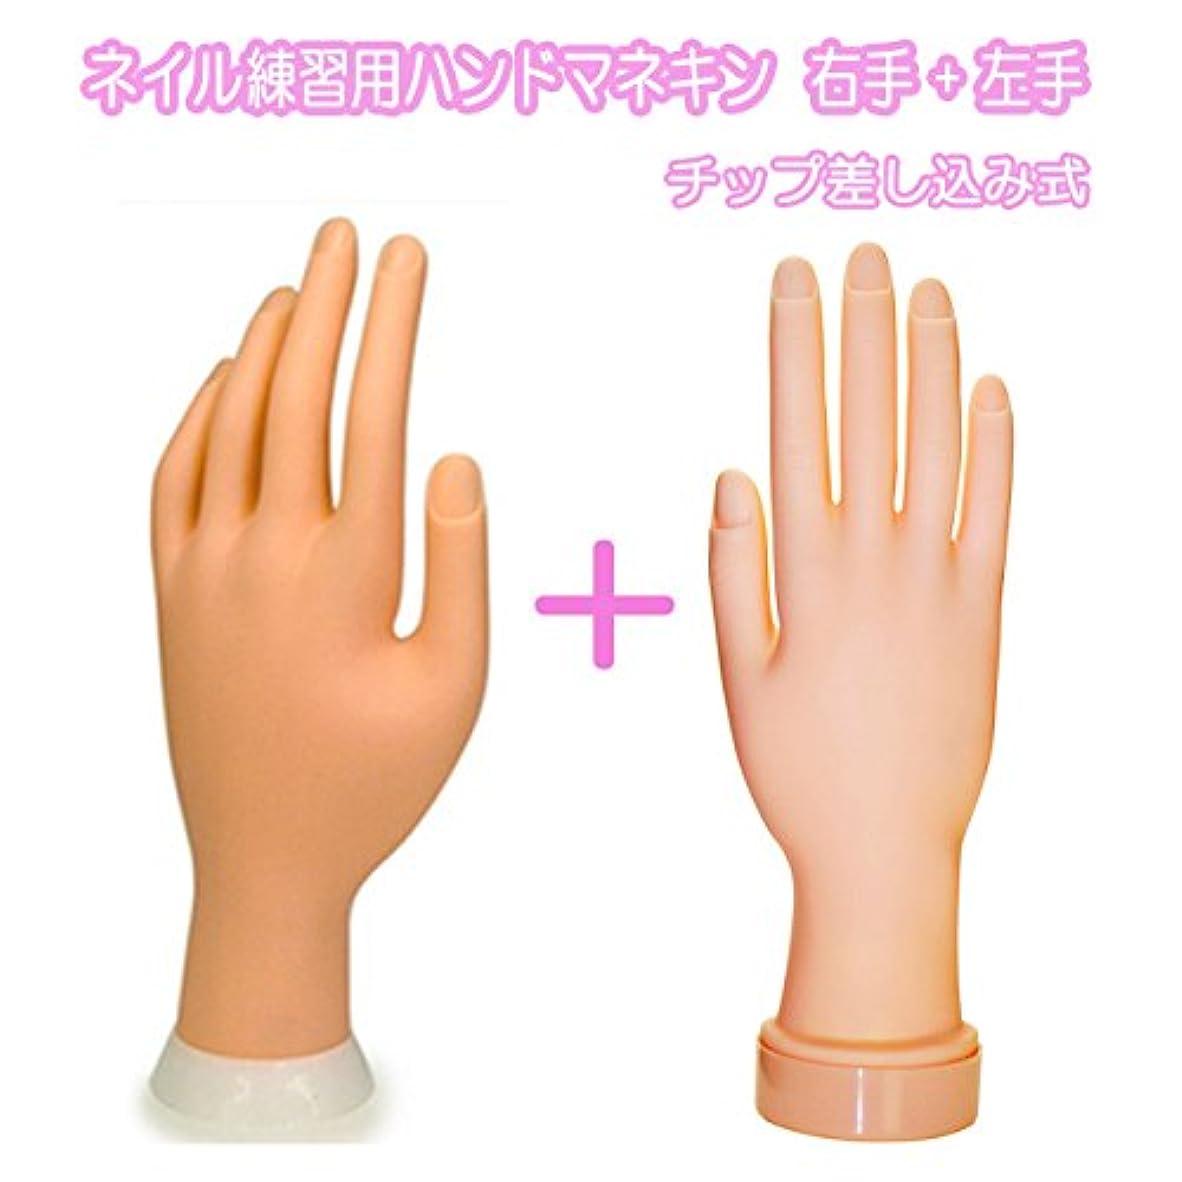 文芸発揮する織機ネイル練習用ハンドマネキン2個(右手/左手)/チップ差し込み式 (右手1個+左手1個)